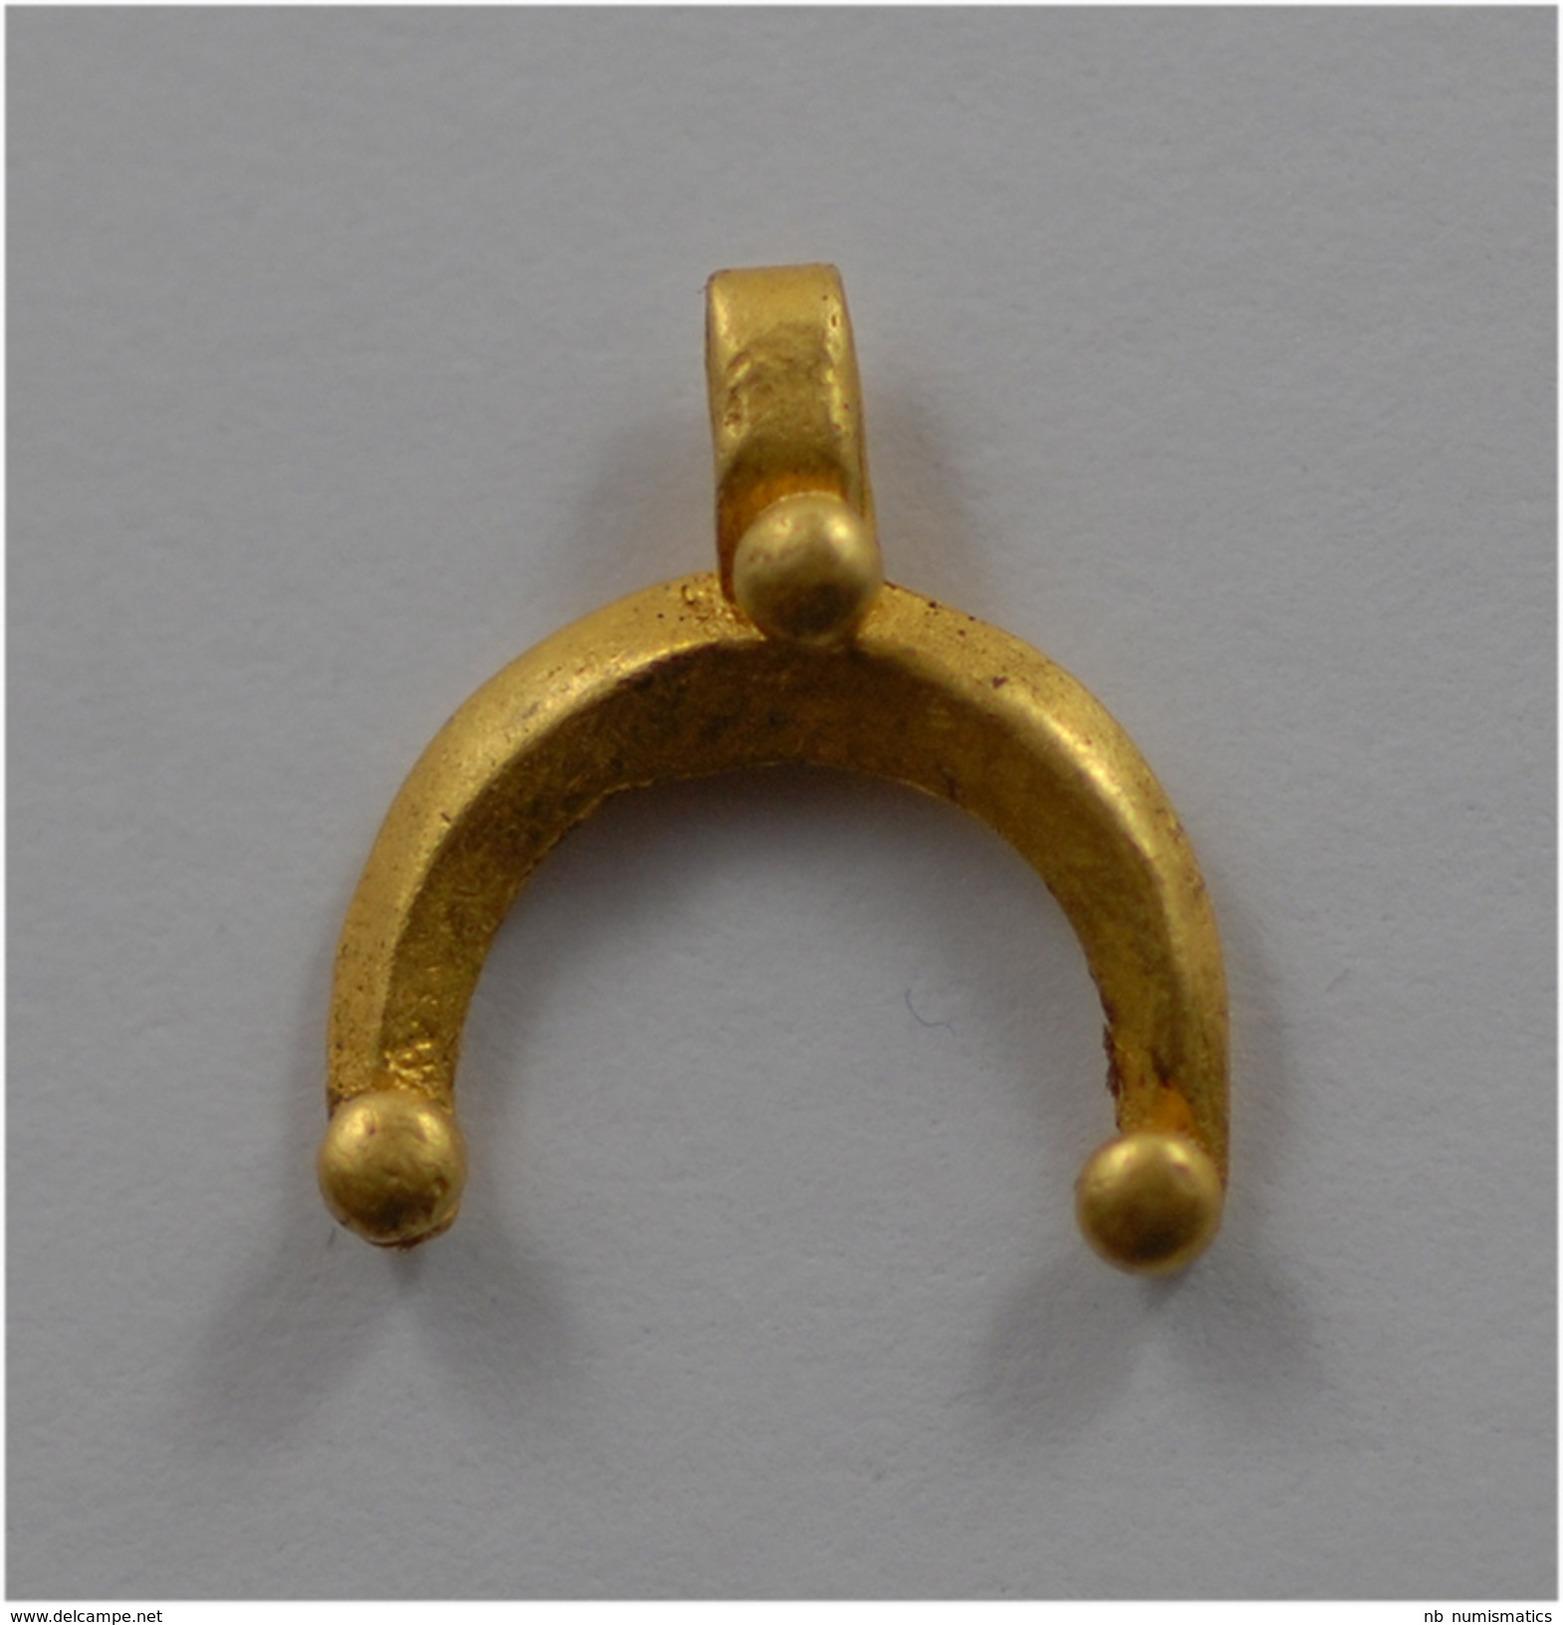 Roman Gold Lunar Crescent Pendant - Archéologie